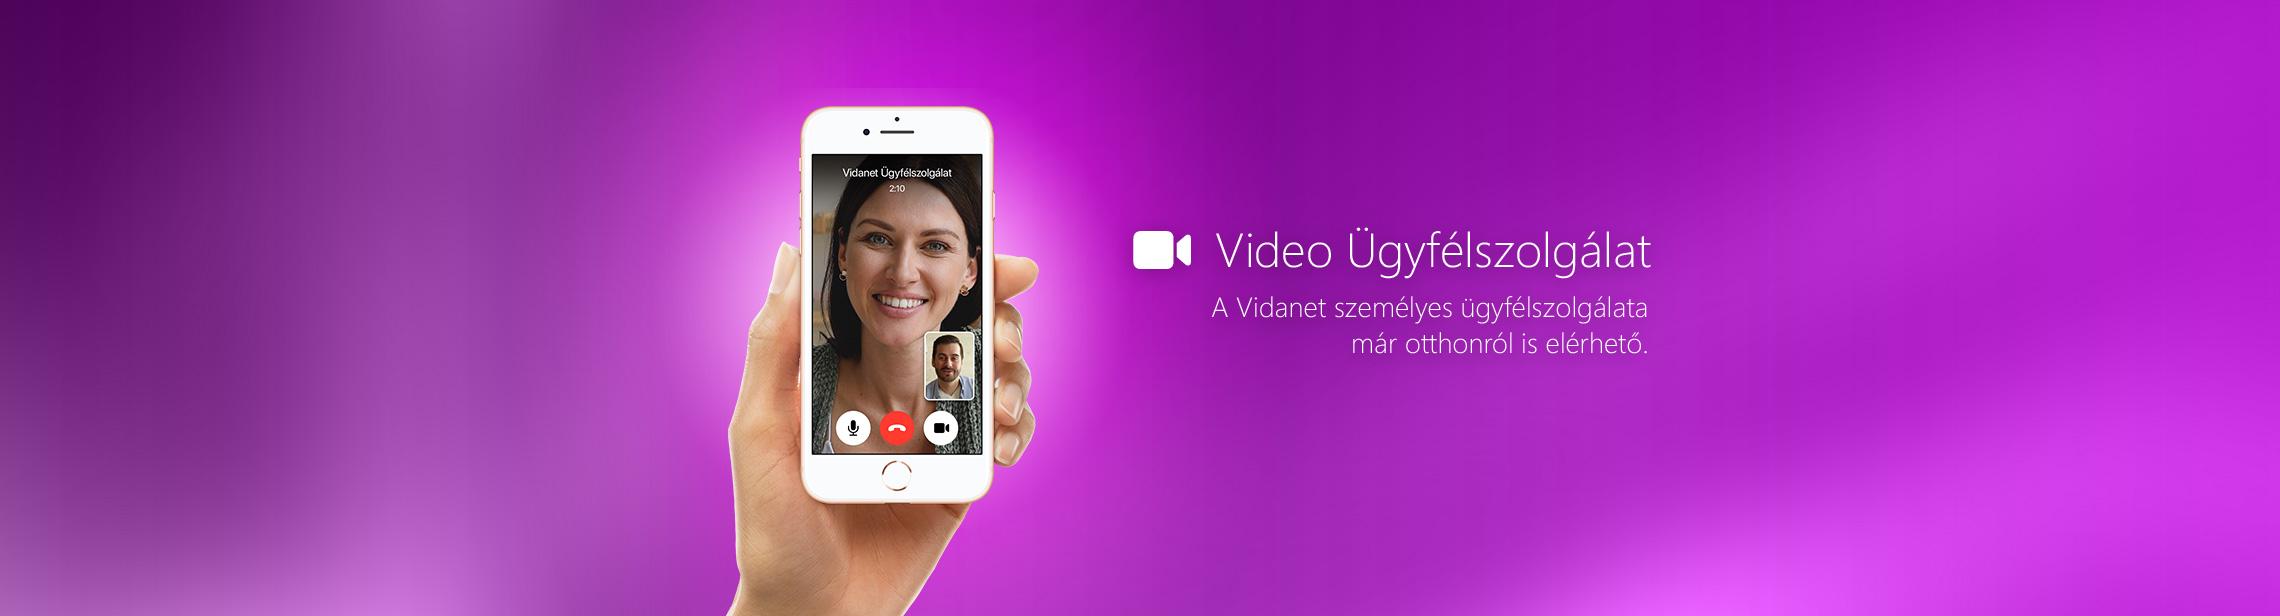 Vidanet Video Ügyfélszolgálat